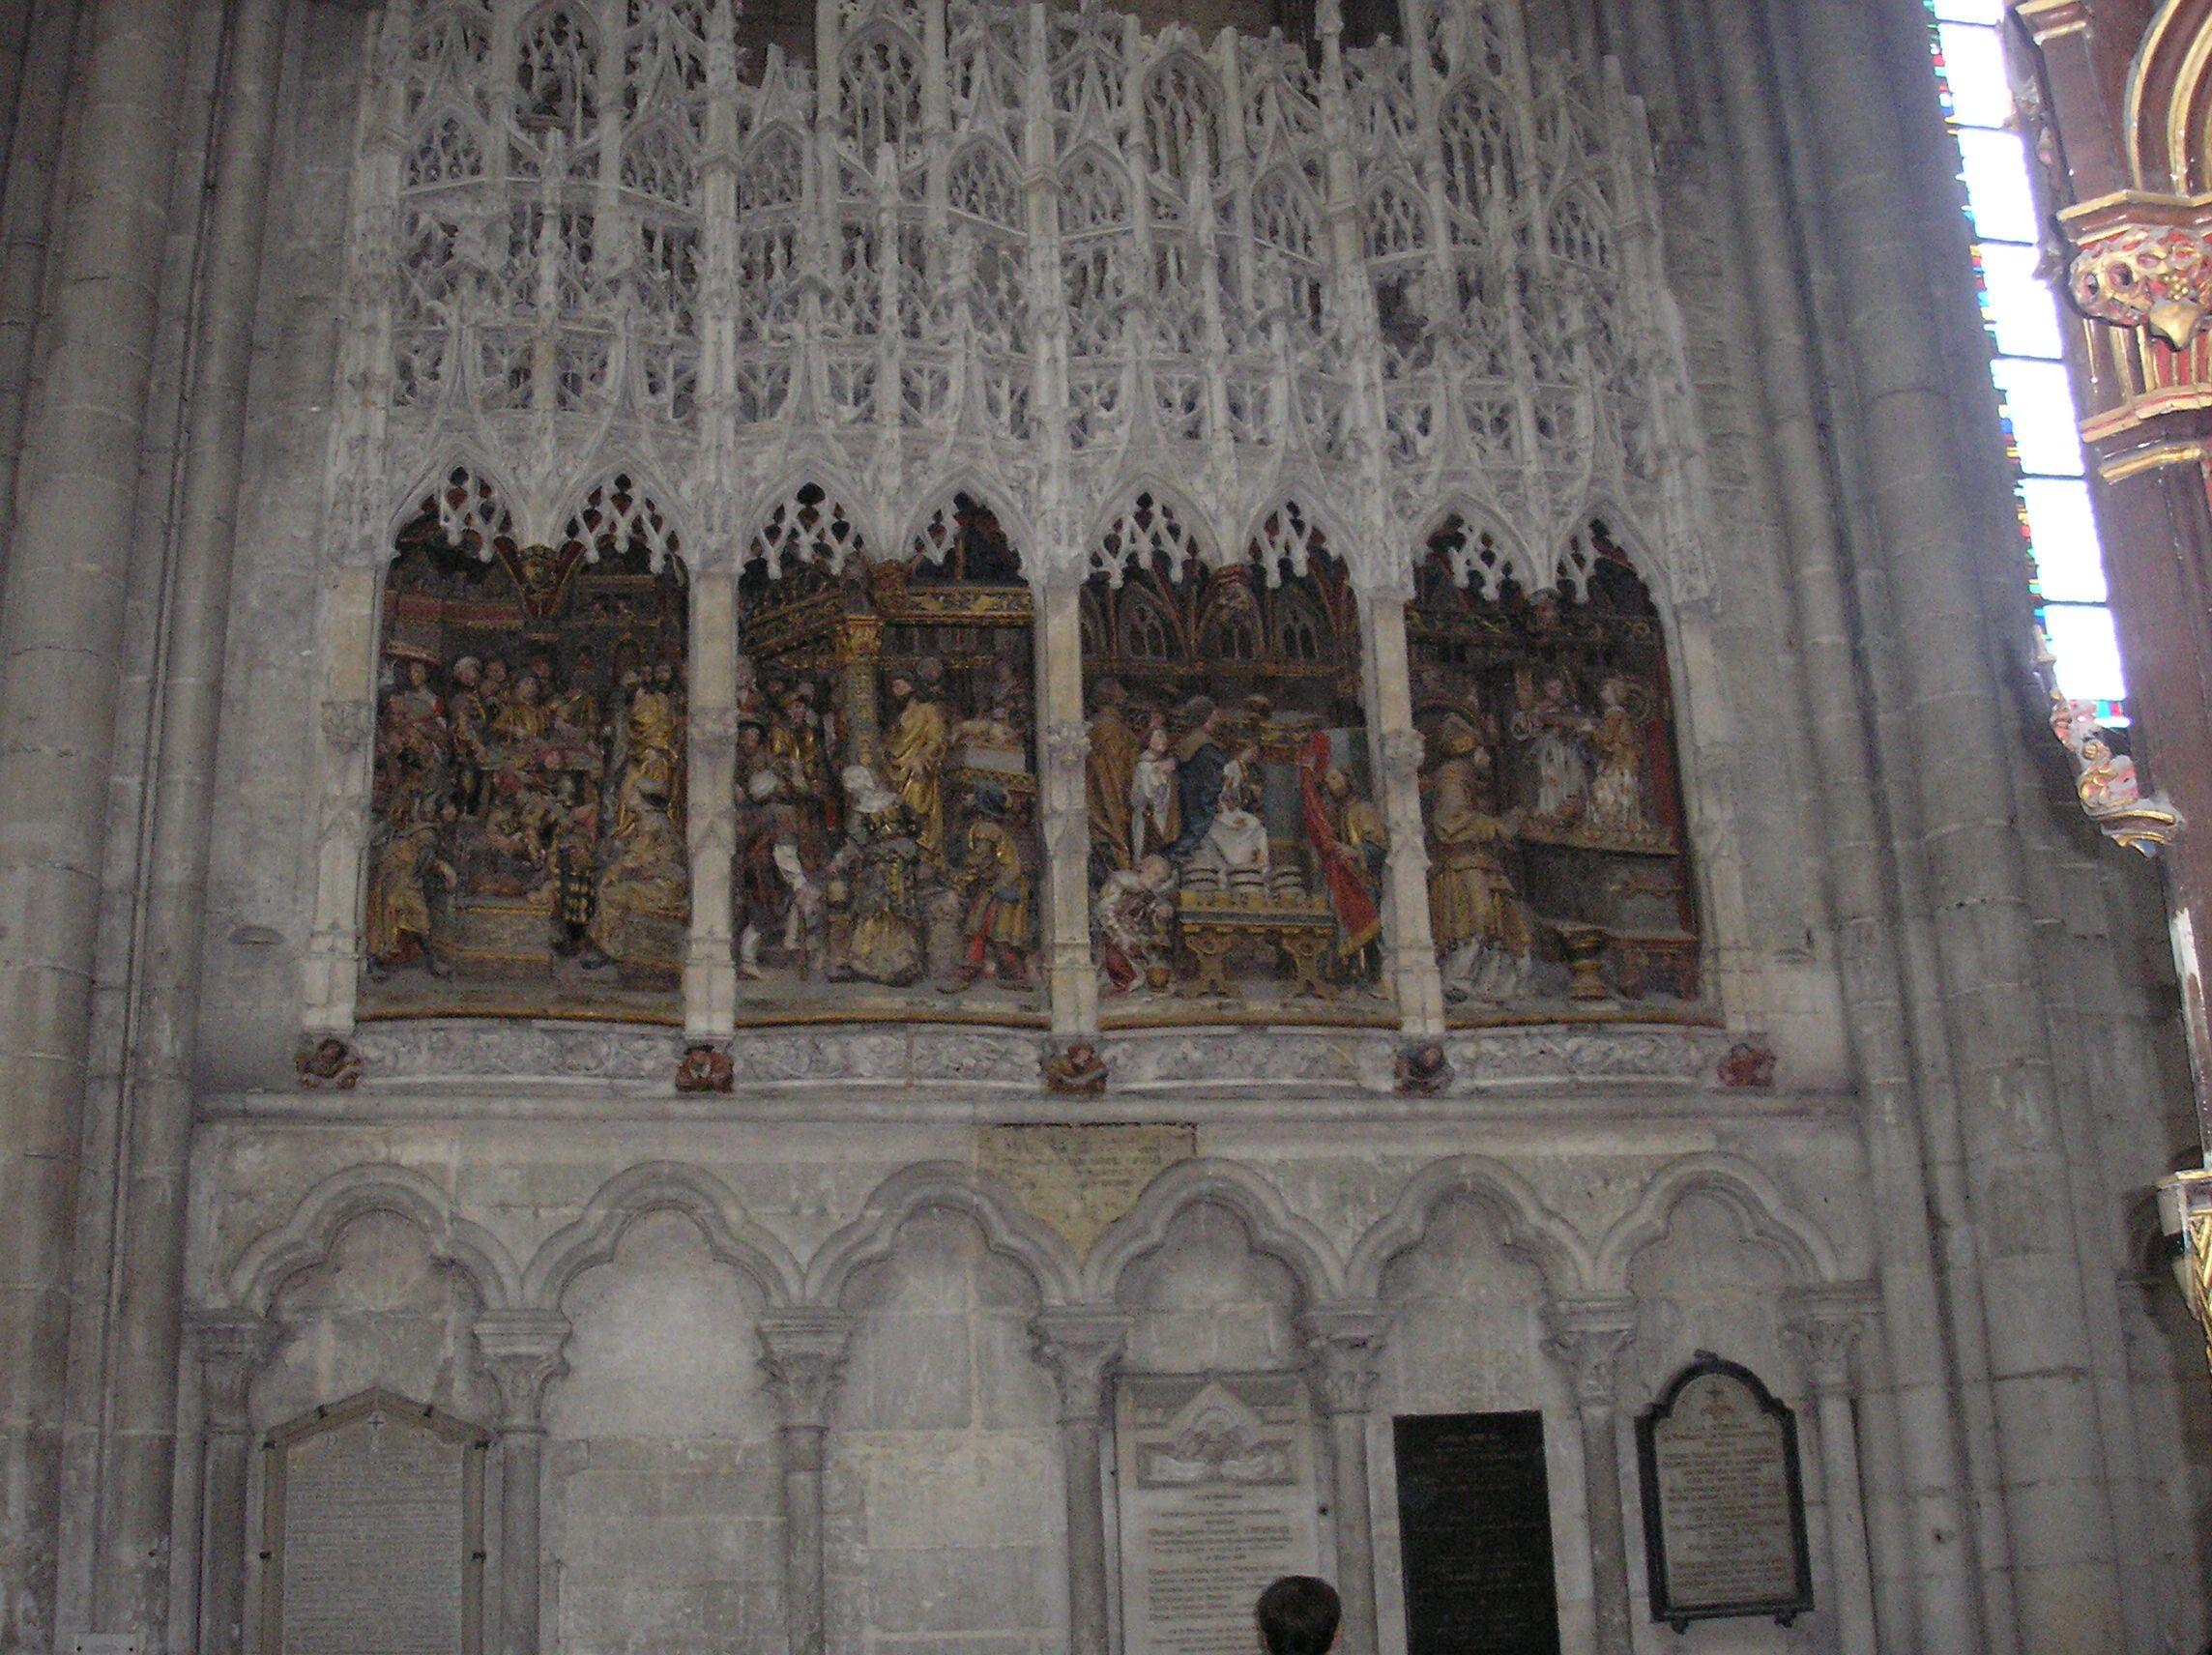 La Cathedrale D Amiens Au Cœur De La Picardie Est L Une Des Plus